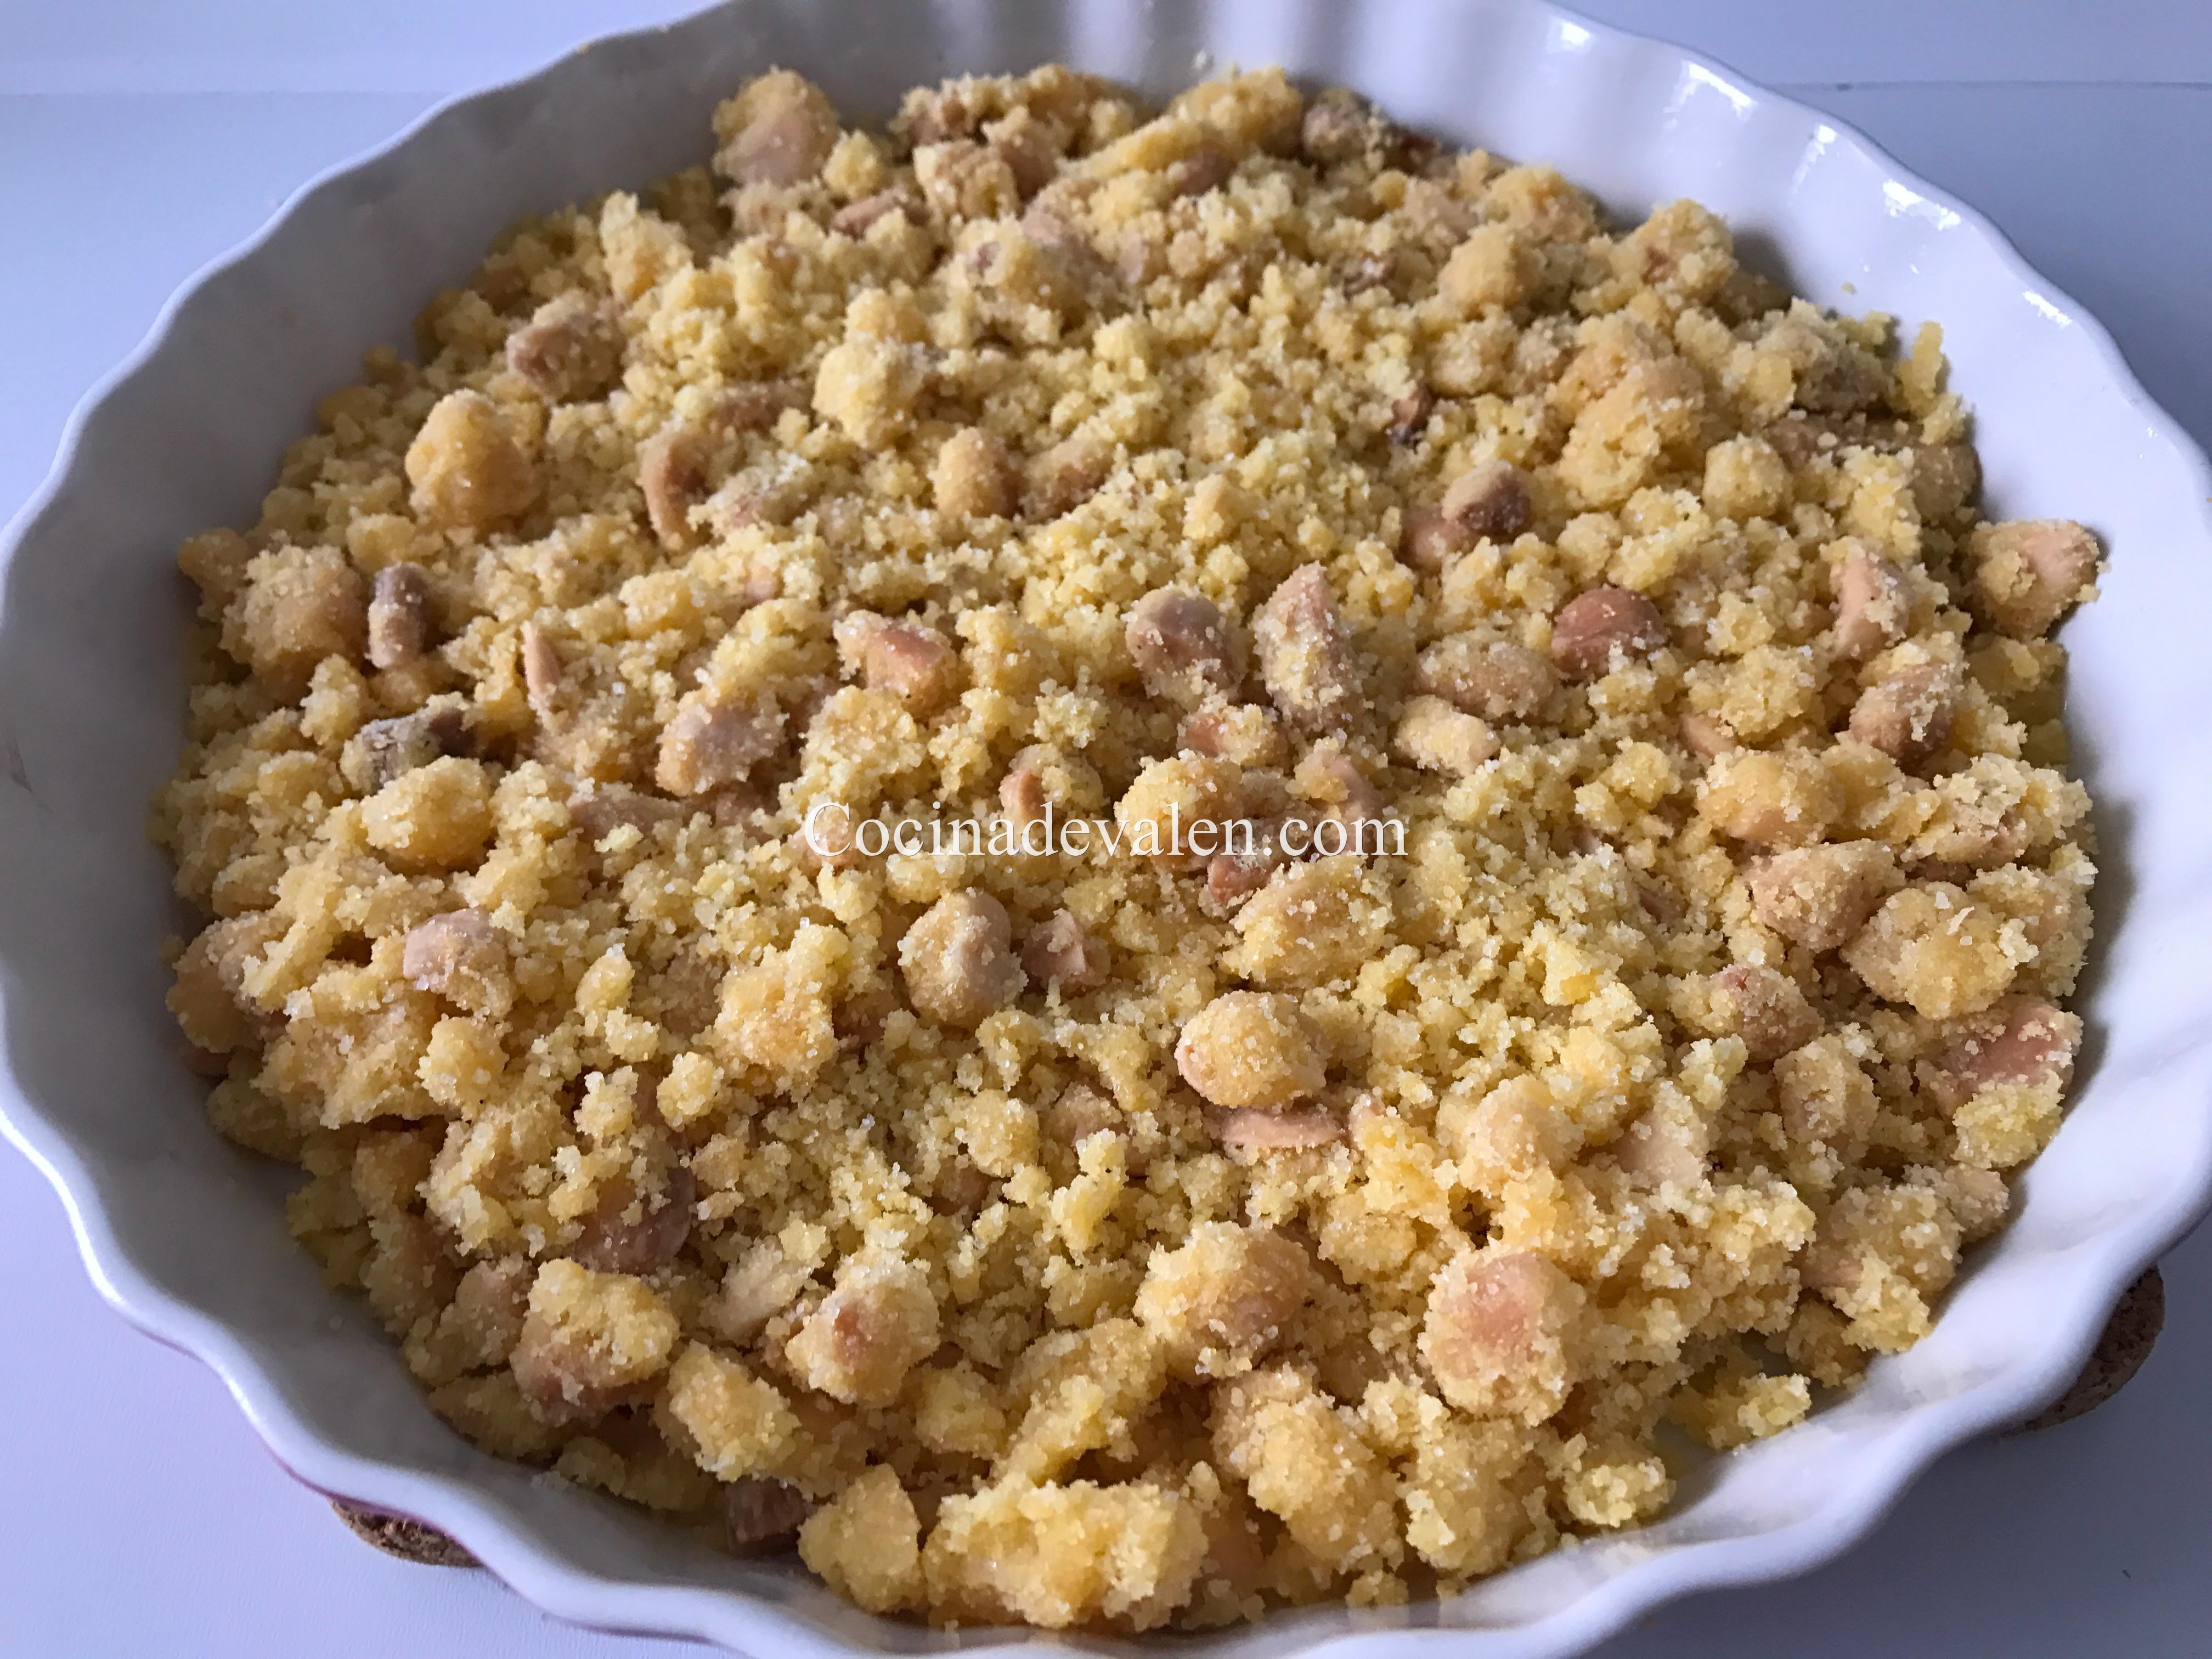 Sbrisolona - Cocina de Valen